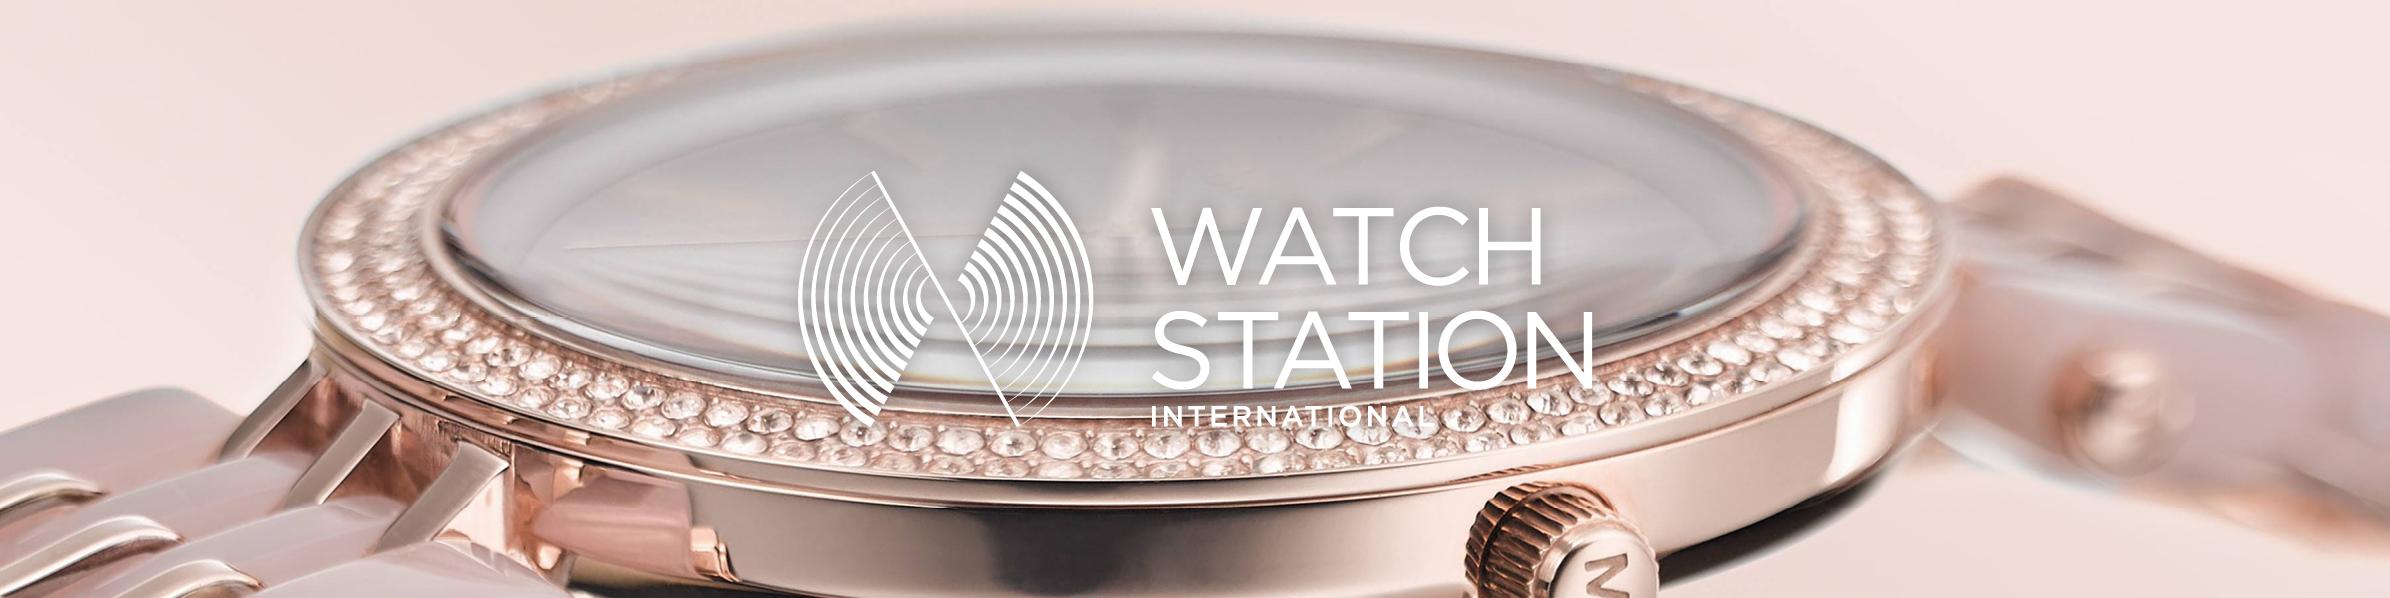 Michael kors uhren watch station